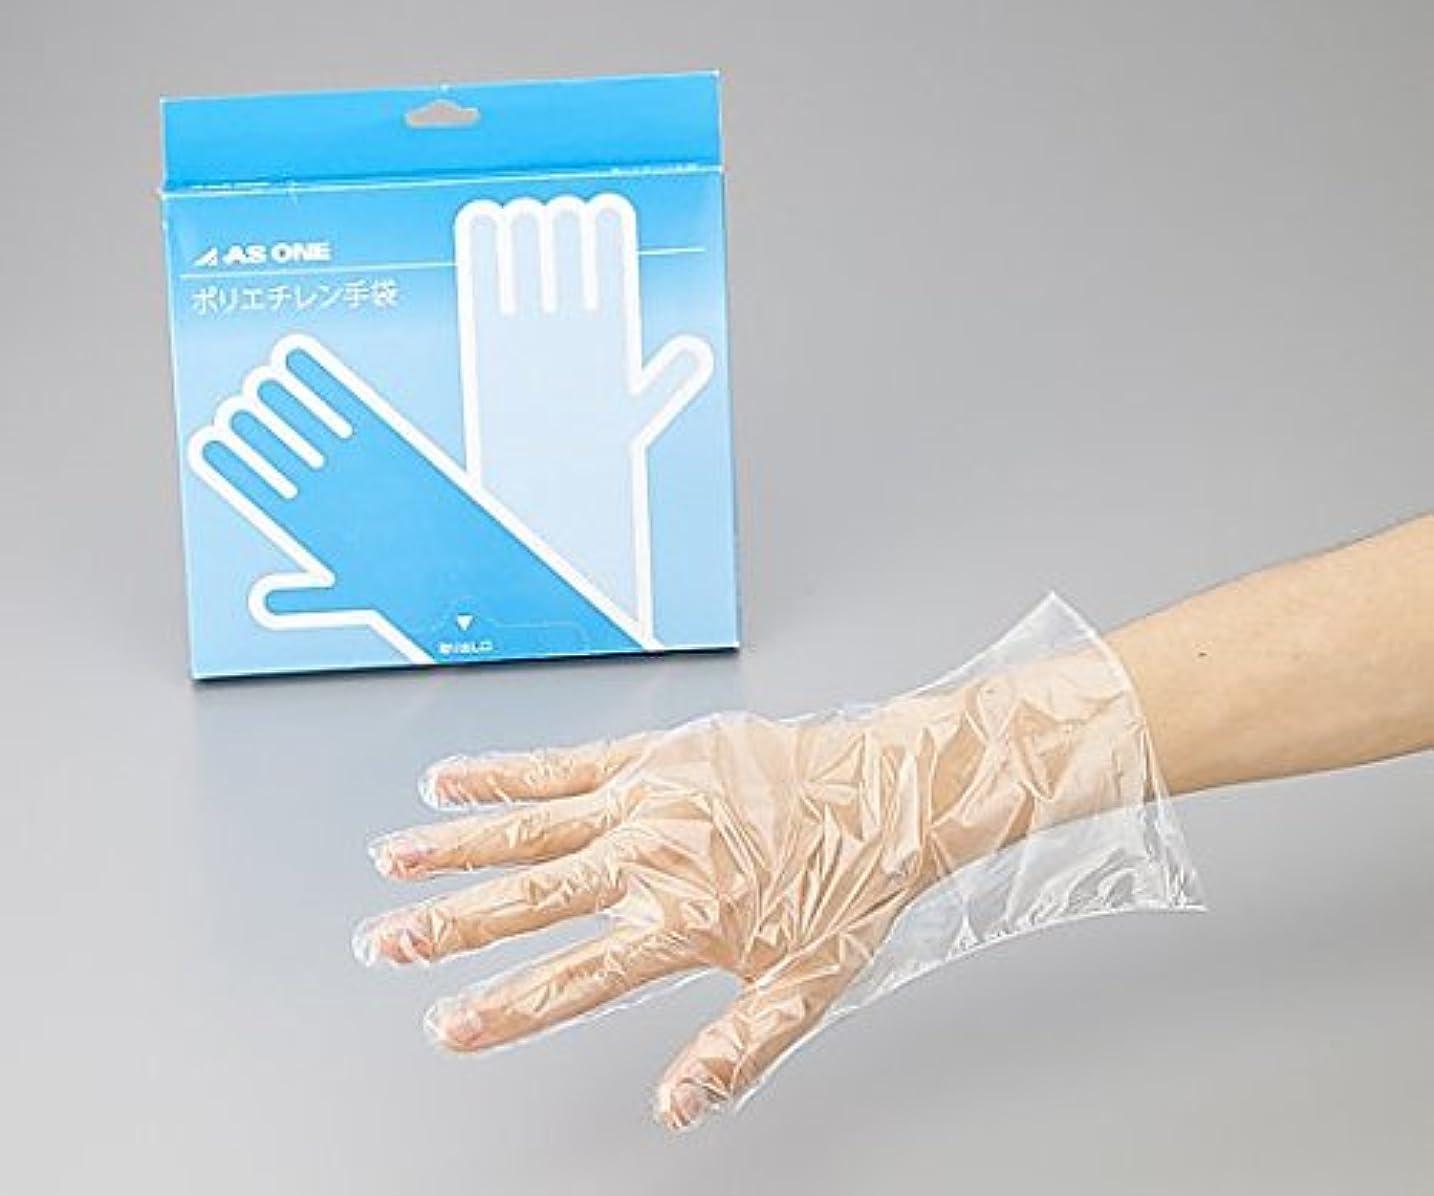 オーバーフローフィードバックコンテンポラリーアズワン2-4972-03ポリエチレン手袋エコノミー薄手S100枚入